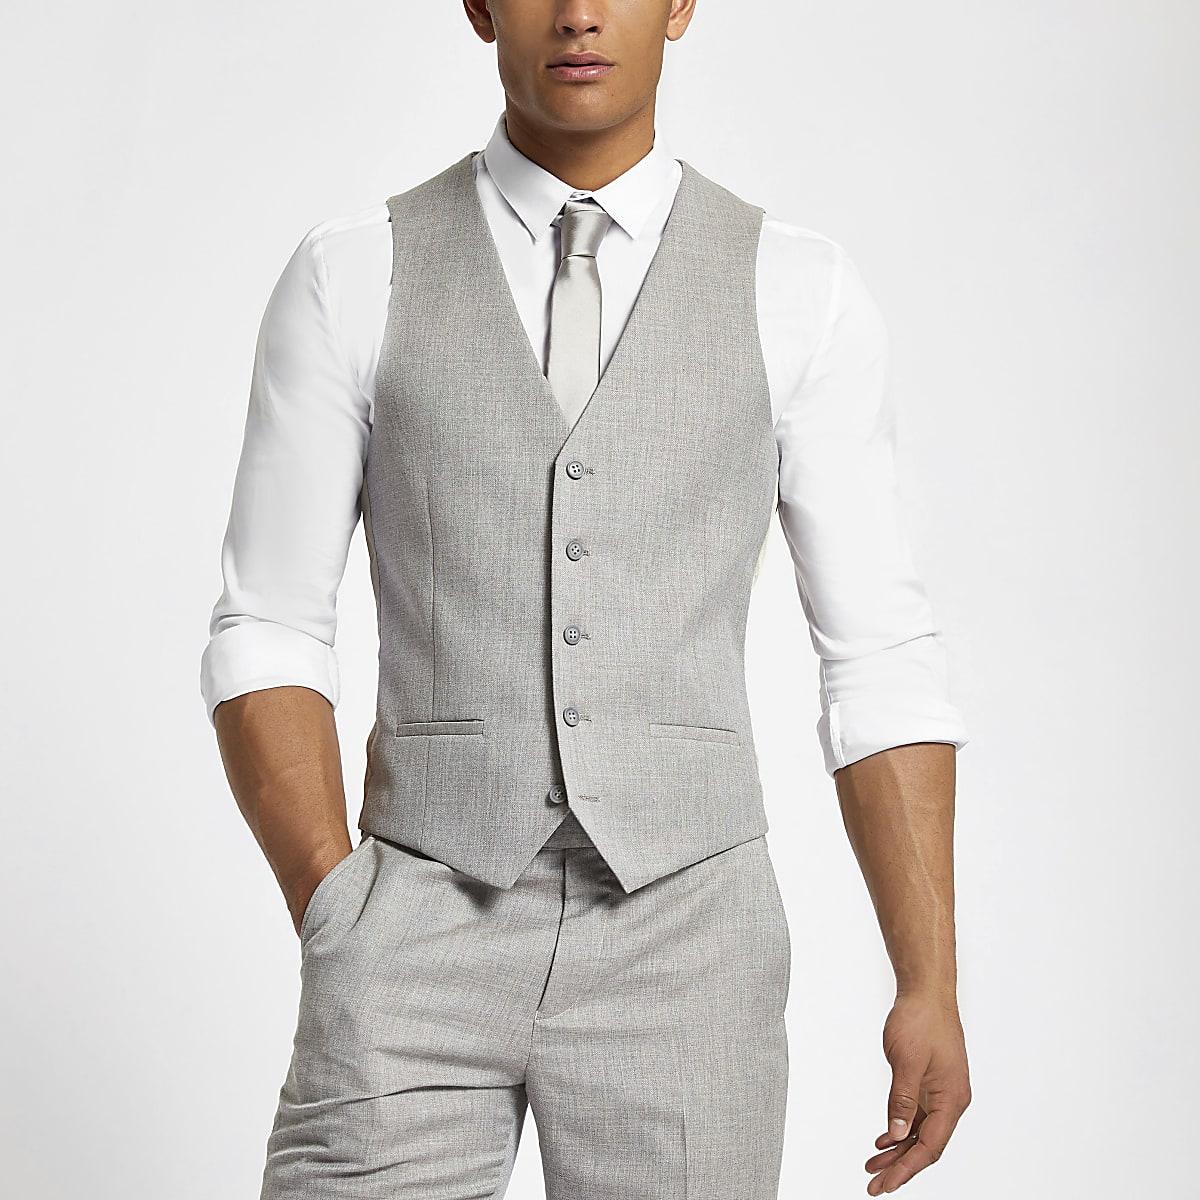 Light grey suit vest